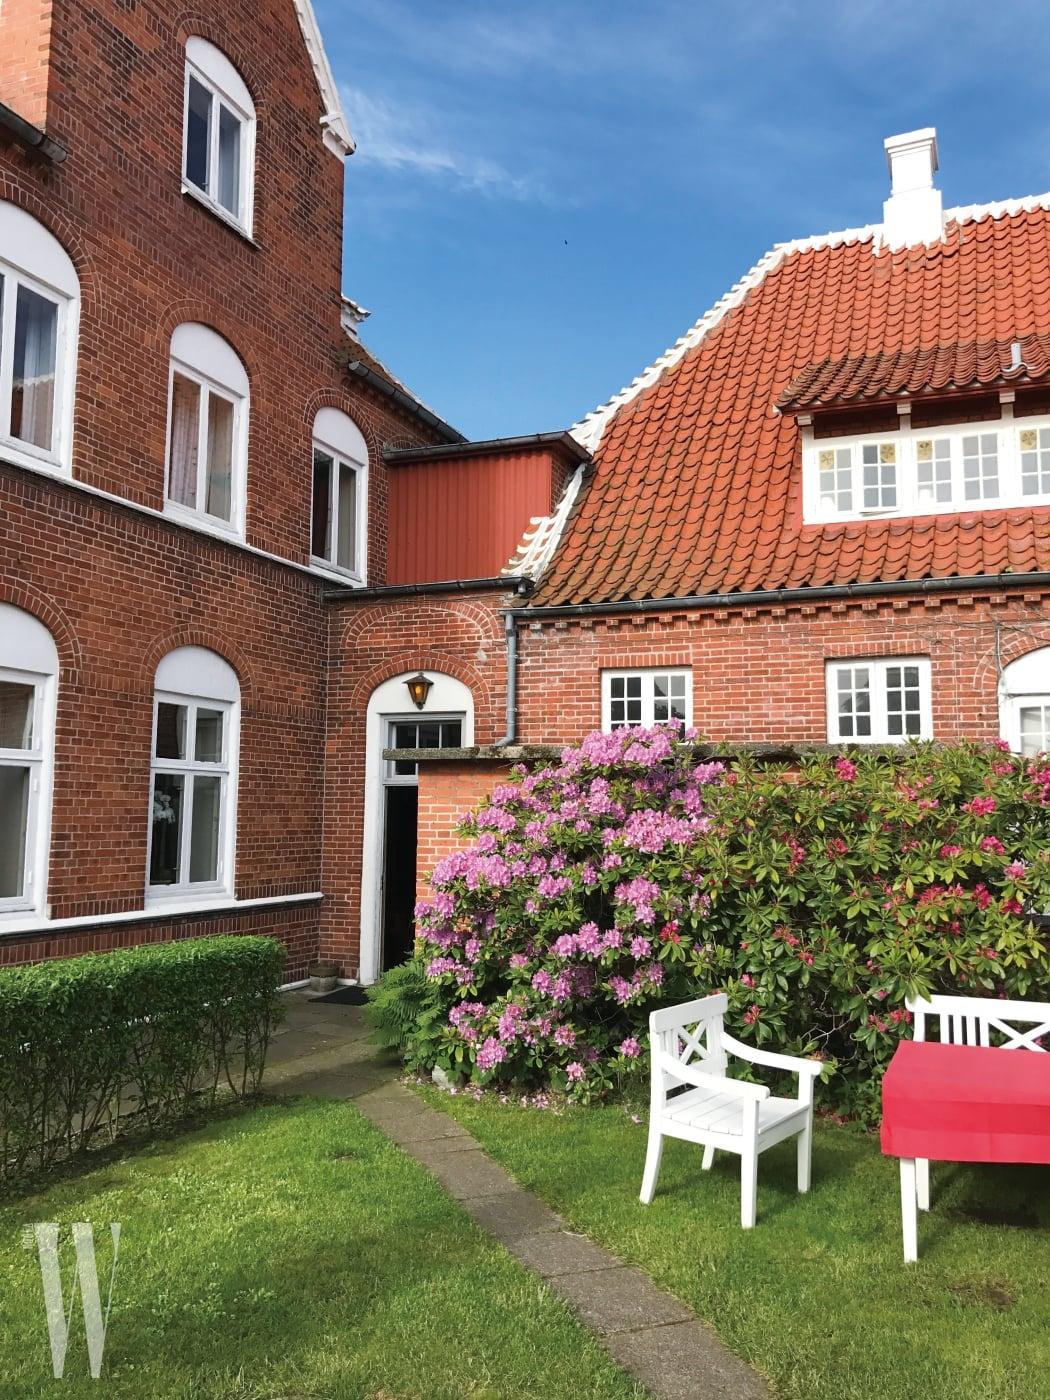 5 덴마크의 끝에서 숙소인 브론덤 호텔까지 자전거를 타고 10km를 달렸다. 브론덤 호텔은 과거 덴마크 왕과 왕비가 휴가를 즐긴 곳이자 많은 예술가들이 머문 유명한 곳이다.